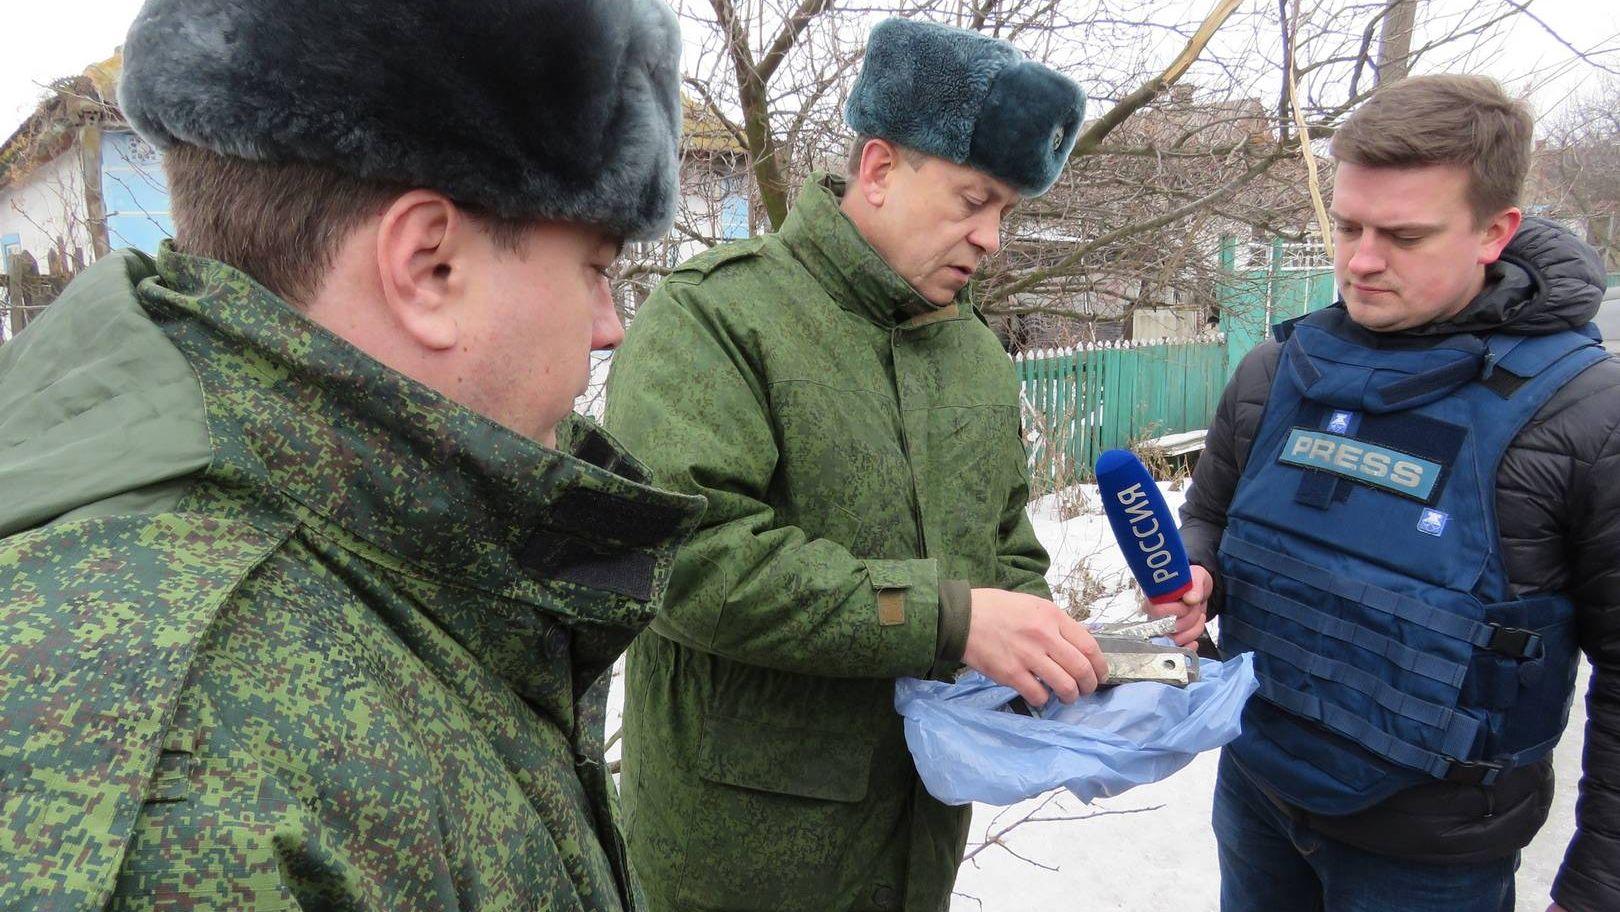 Басурин. Осколки. Еленовка. ДНР. 2017.